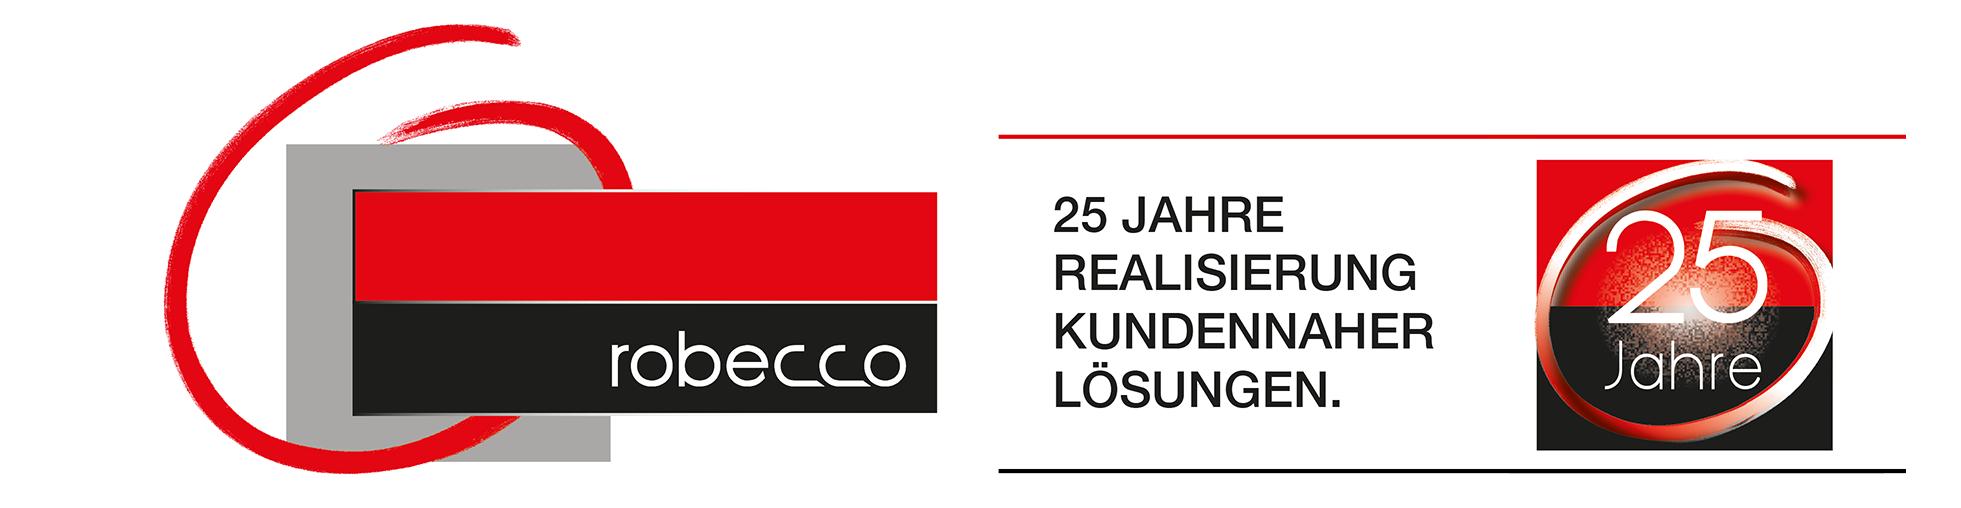 Jubiläumslogo für 25 Jahre robecco. Realisierung kundennaher Lösungen